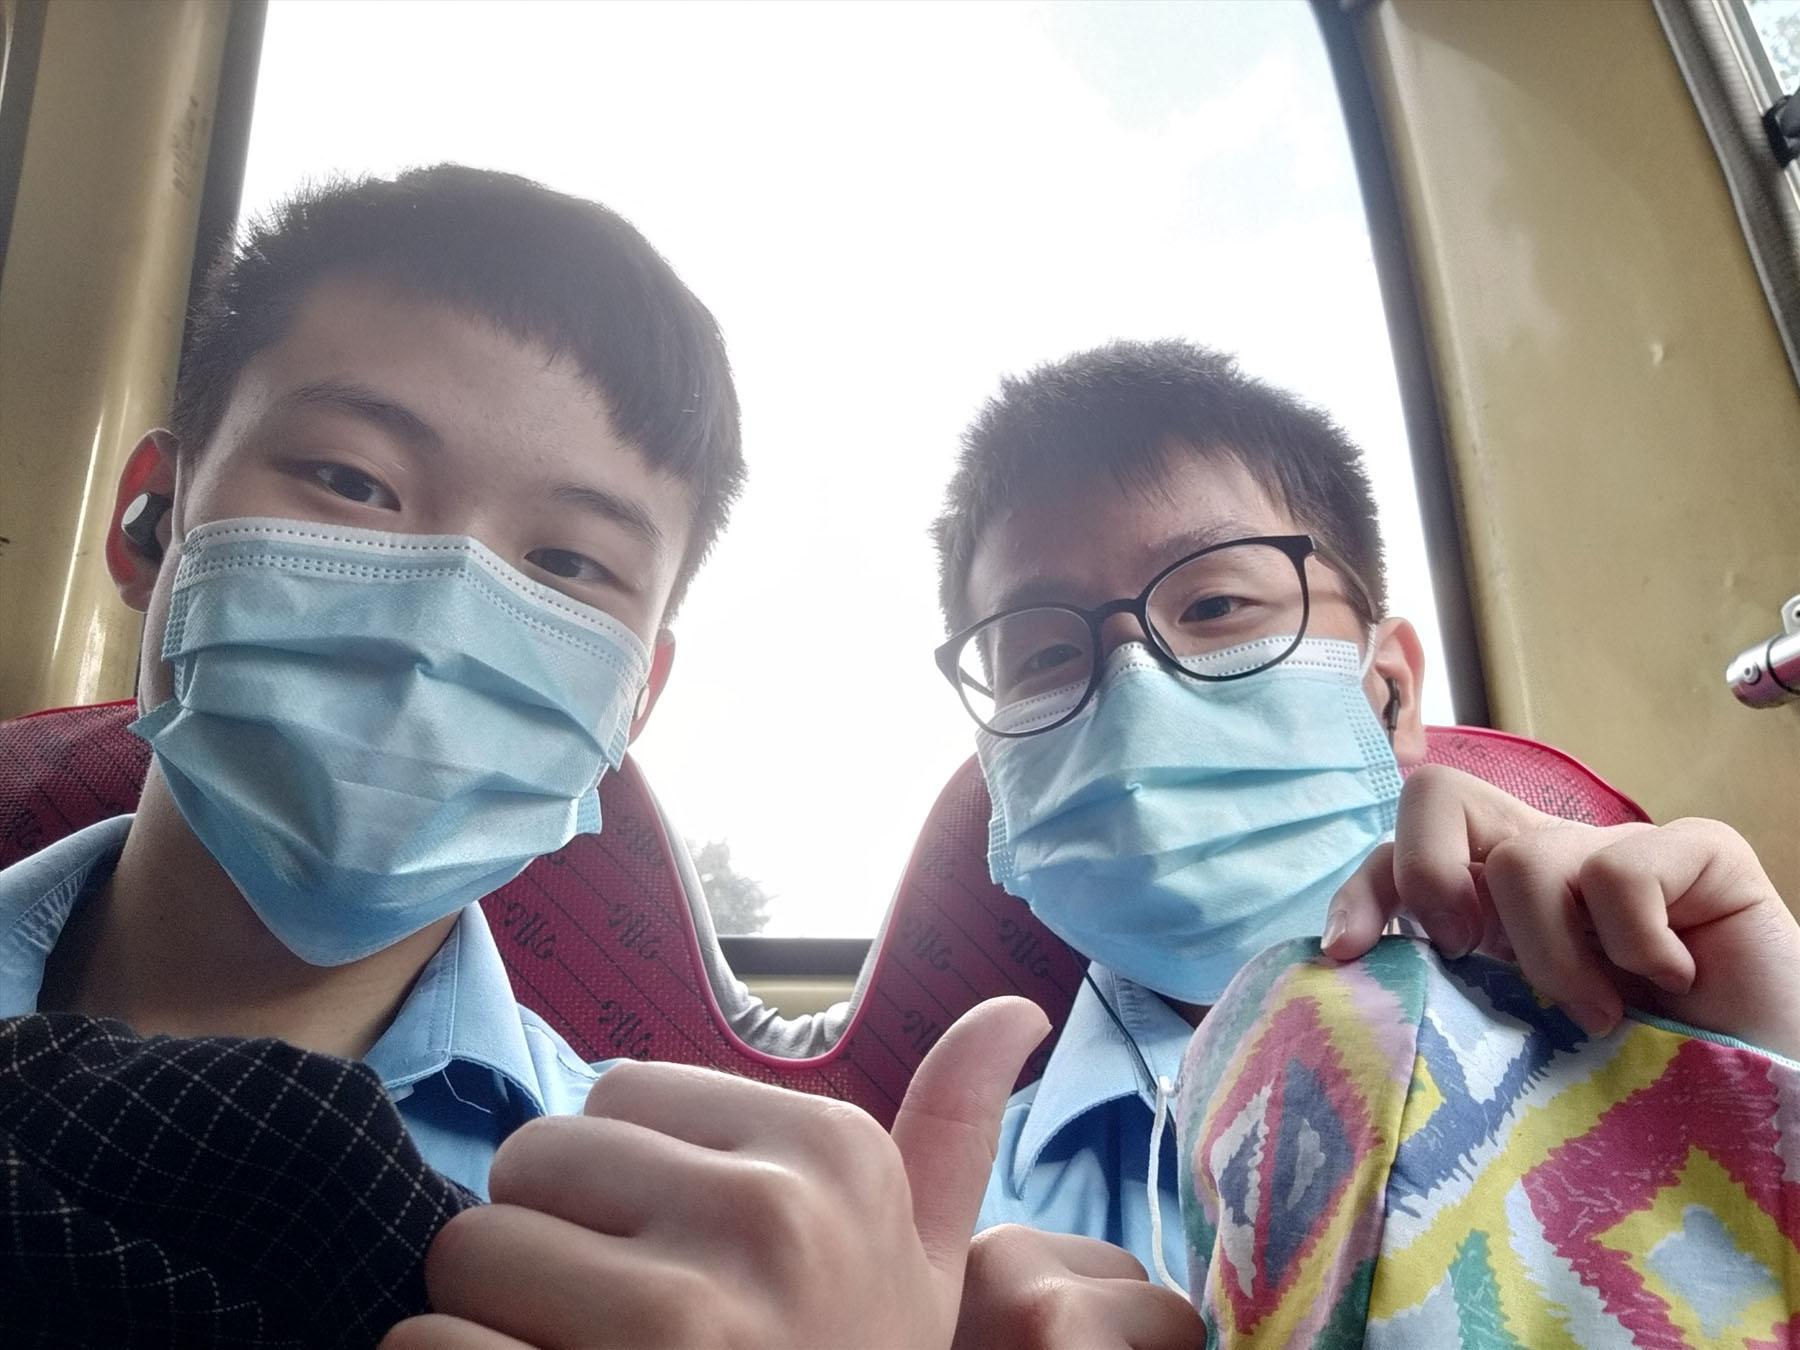 http://www.npc.edu.hk/sites/default/files/wu_jia_zheng_.jpg